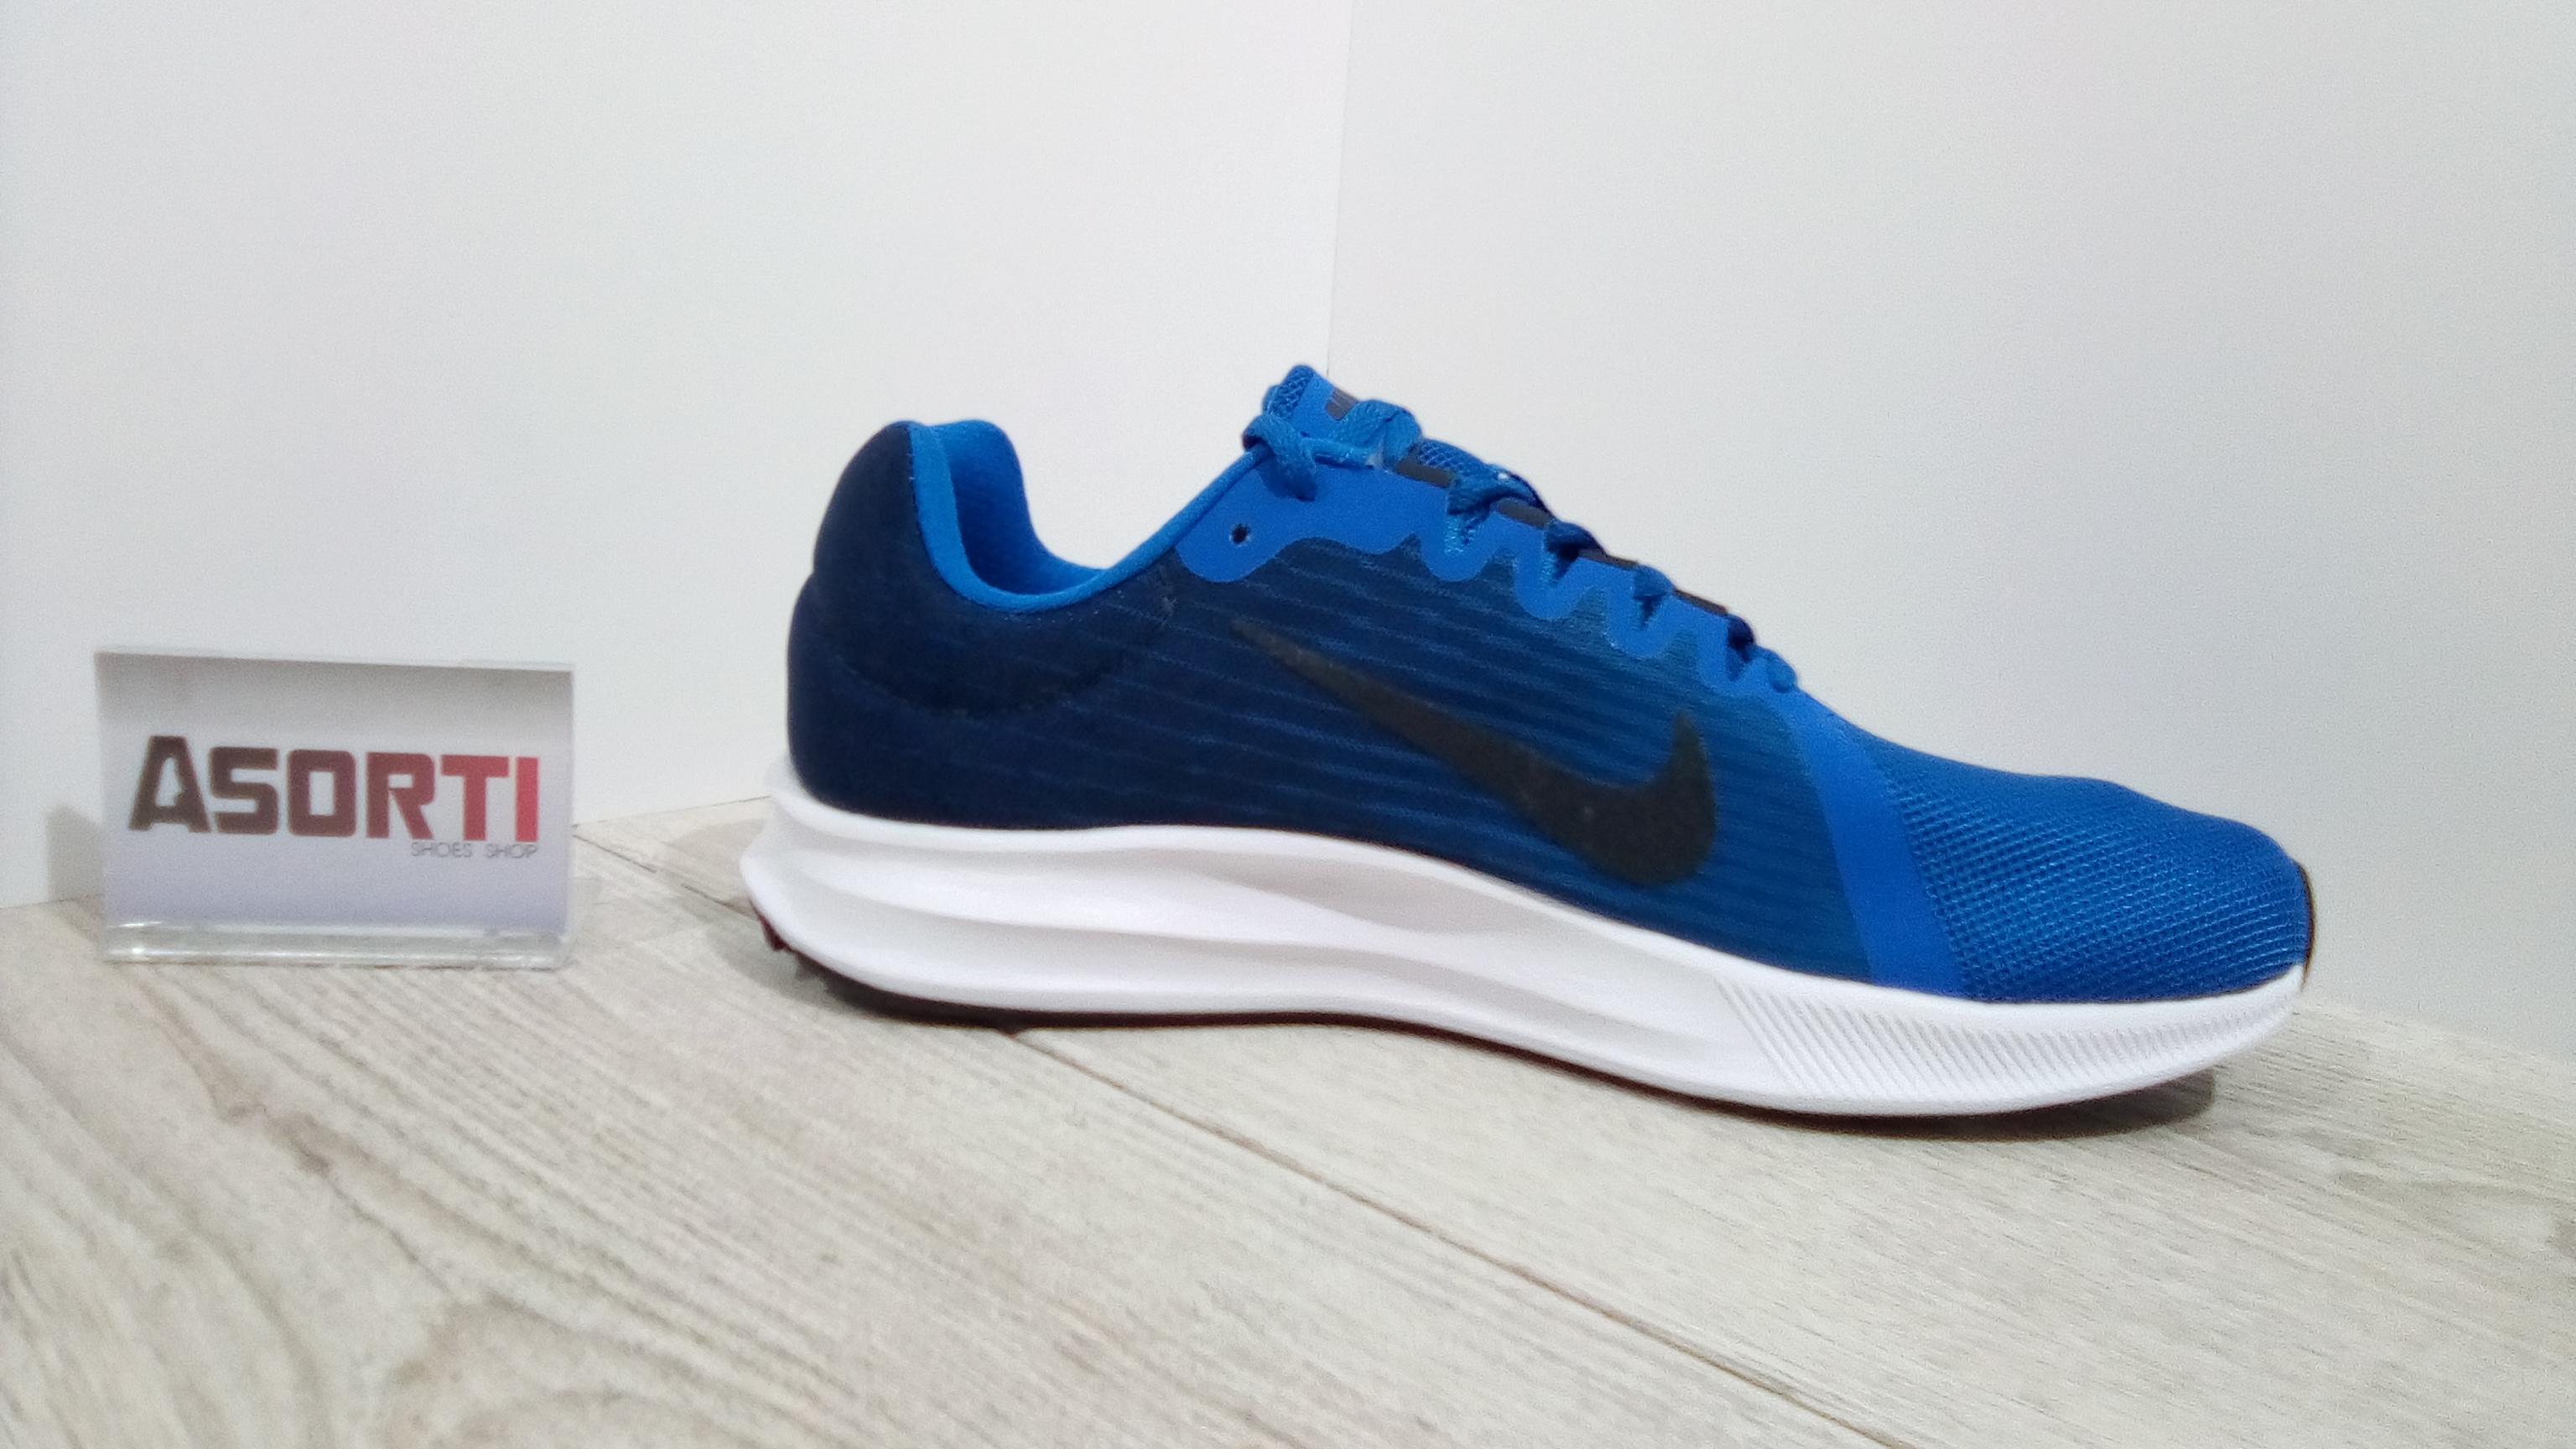 83d0c464 Чоловічі бігові кросівки Nike Downshifter 8 (908984-401) сині купити ...